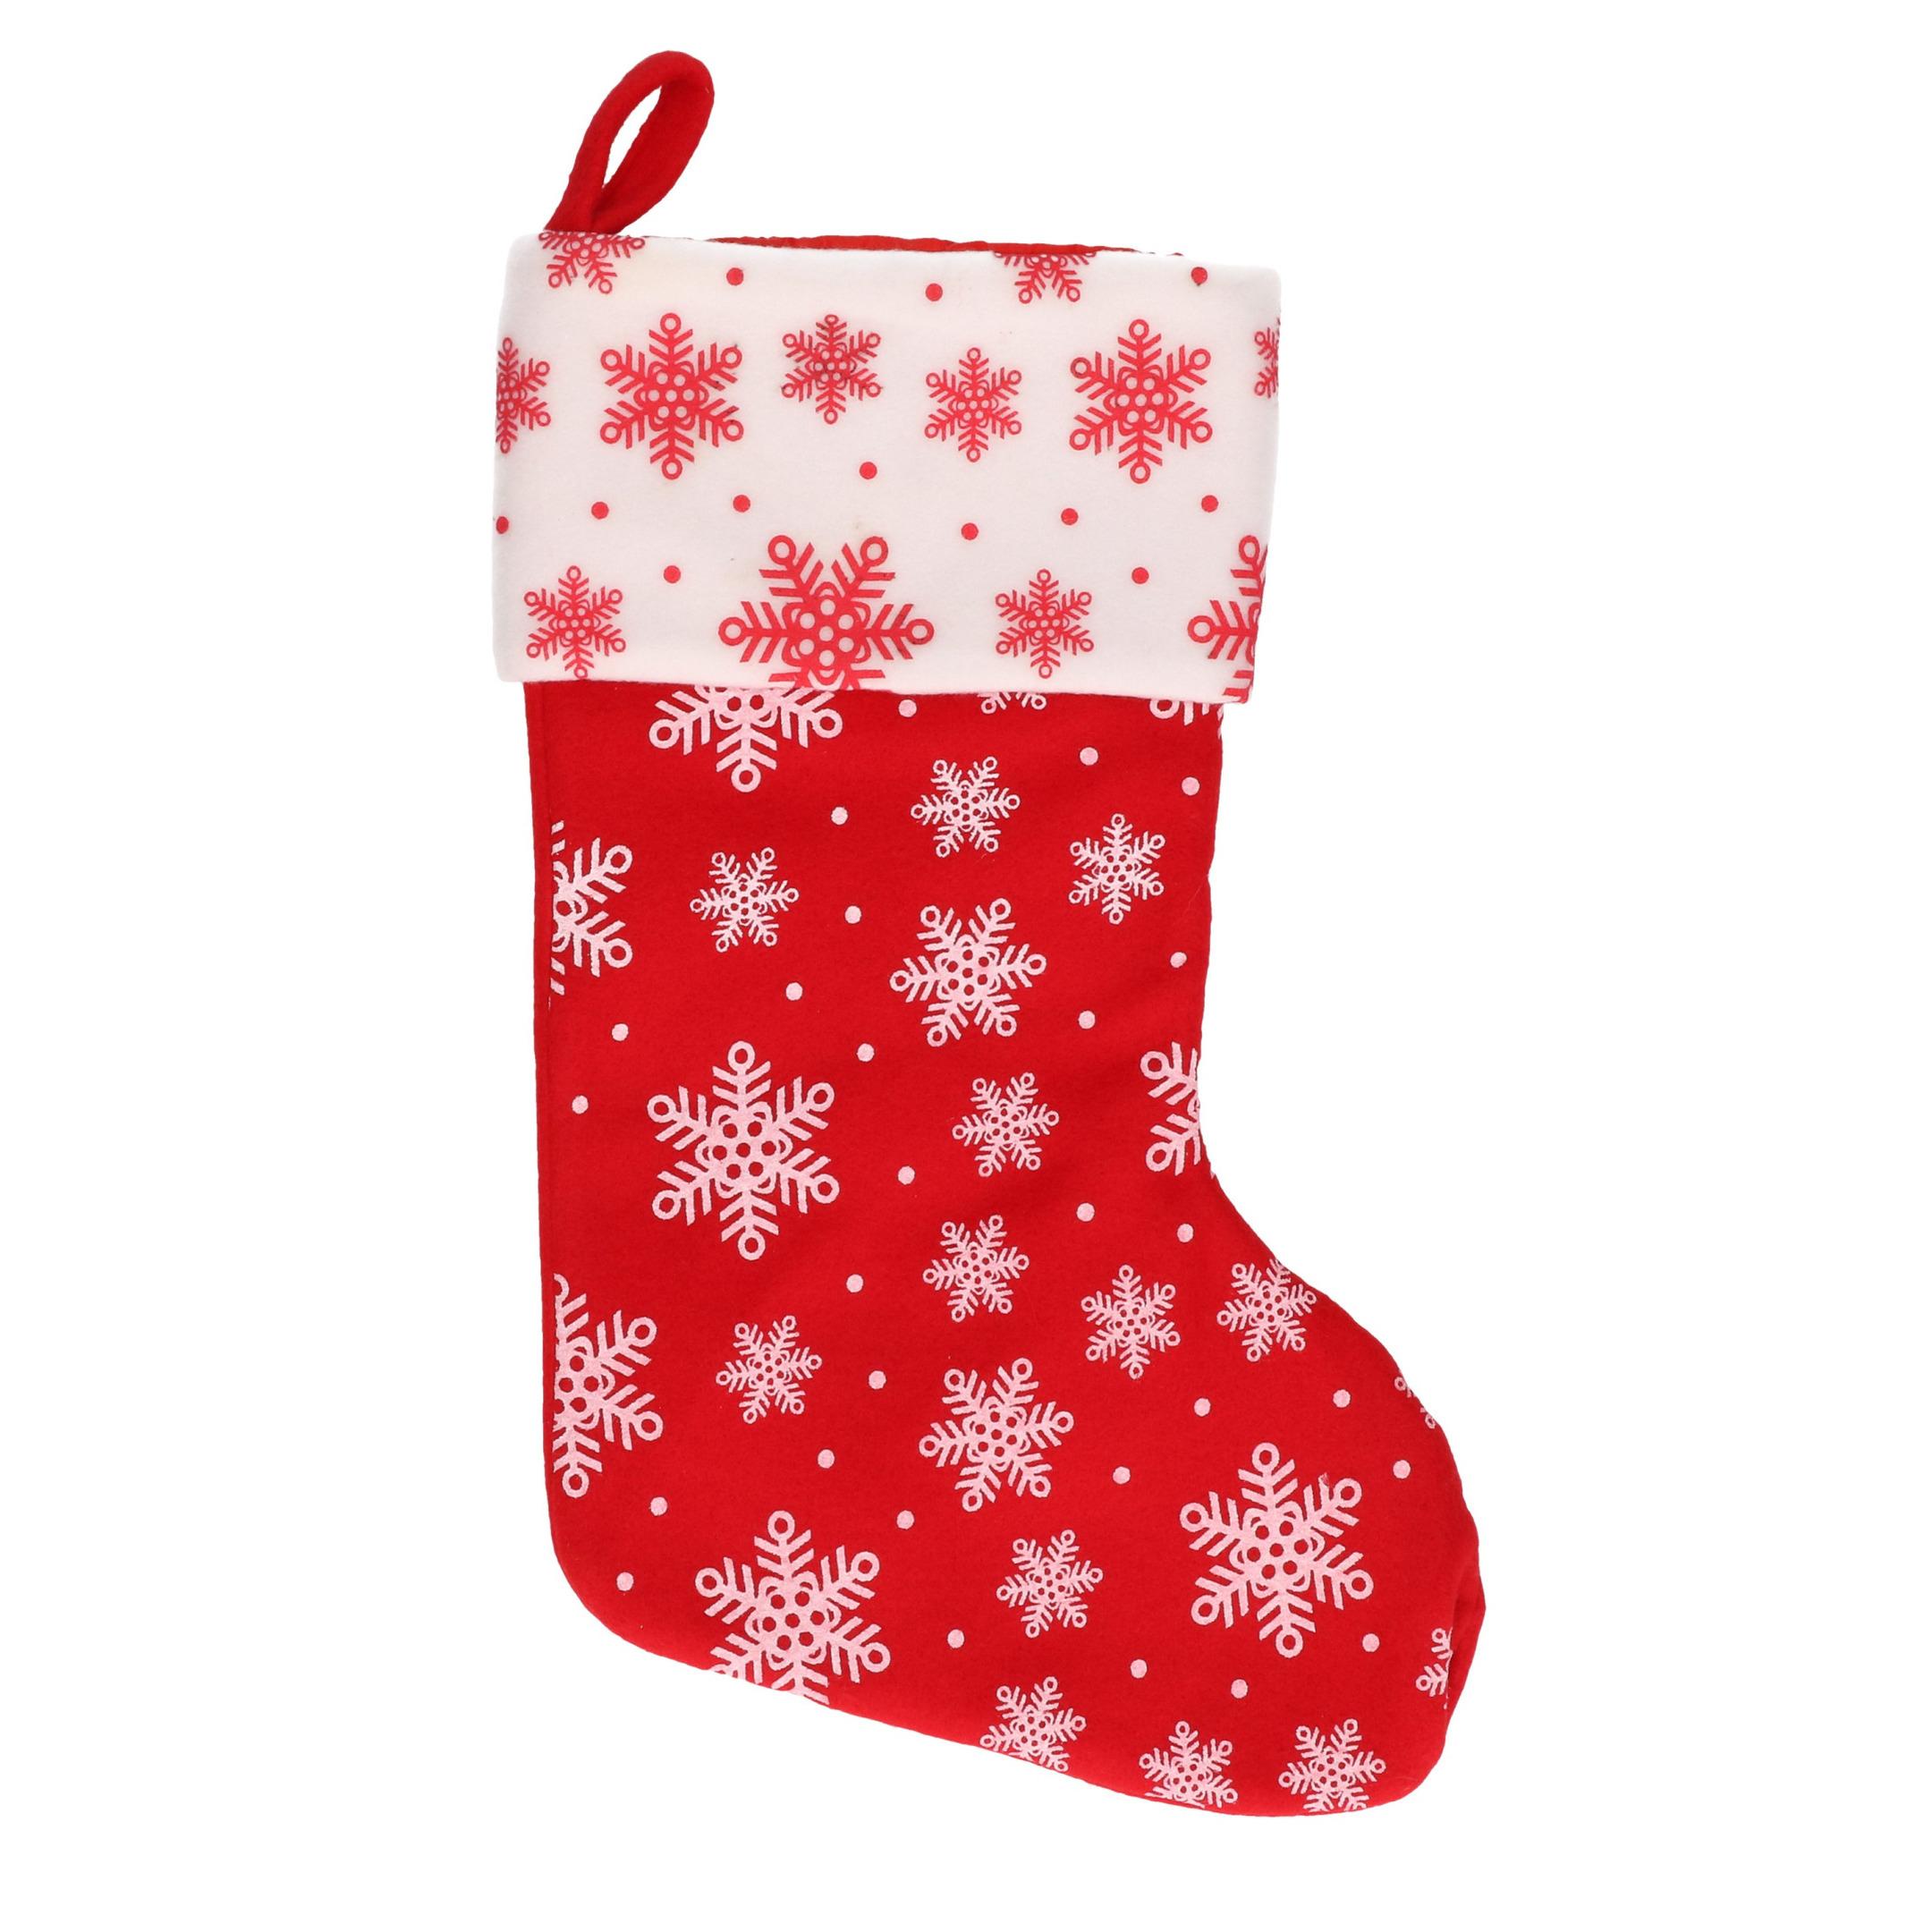 1x Rood-witte kerstsokken met sneeuwvlokken print 40 cm